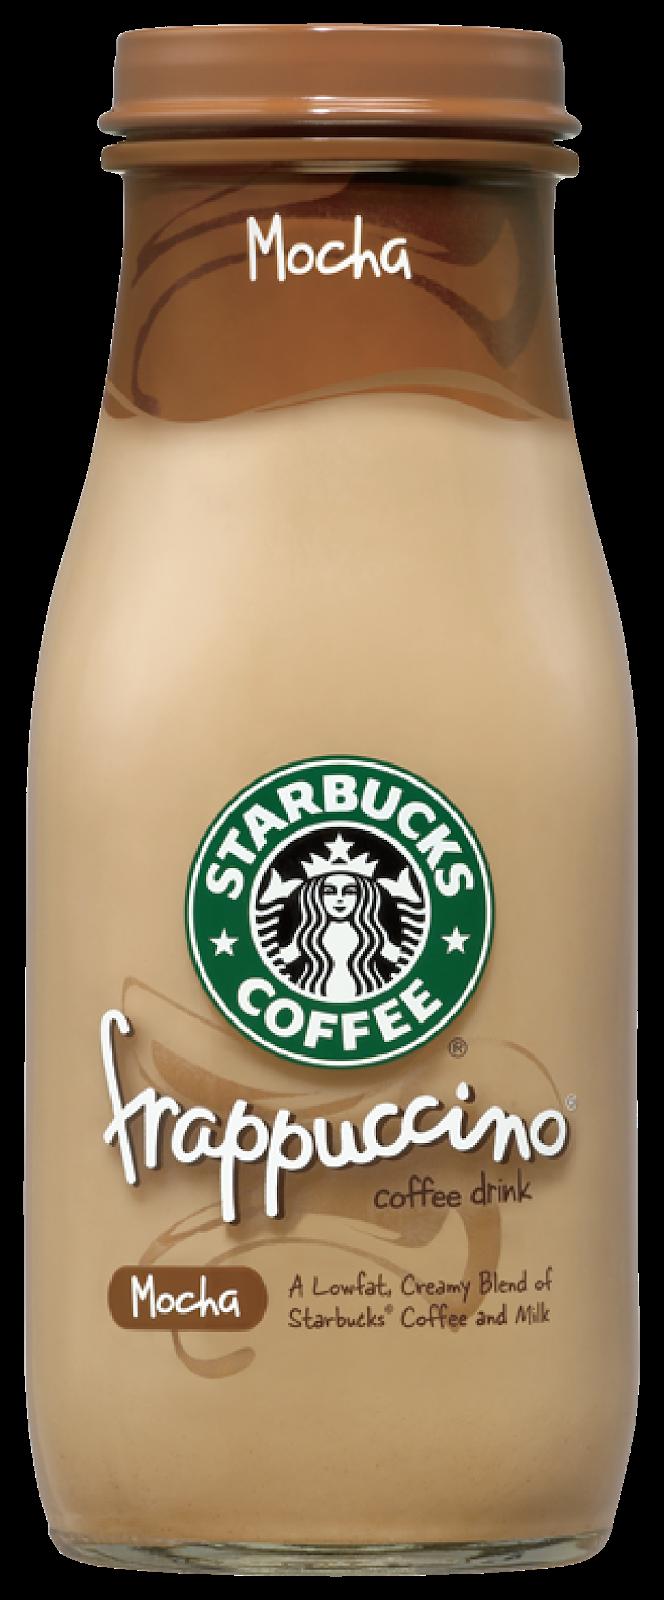 Starbucks clipart bottle, Starbucks bottle Transparent ...